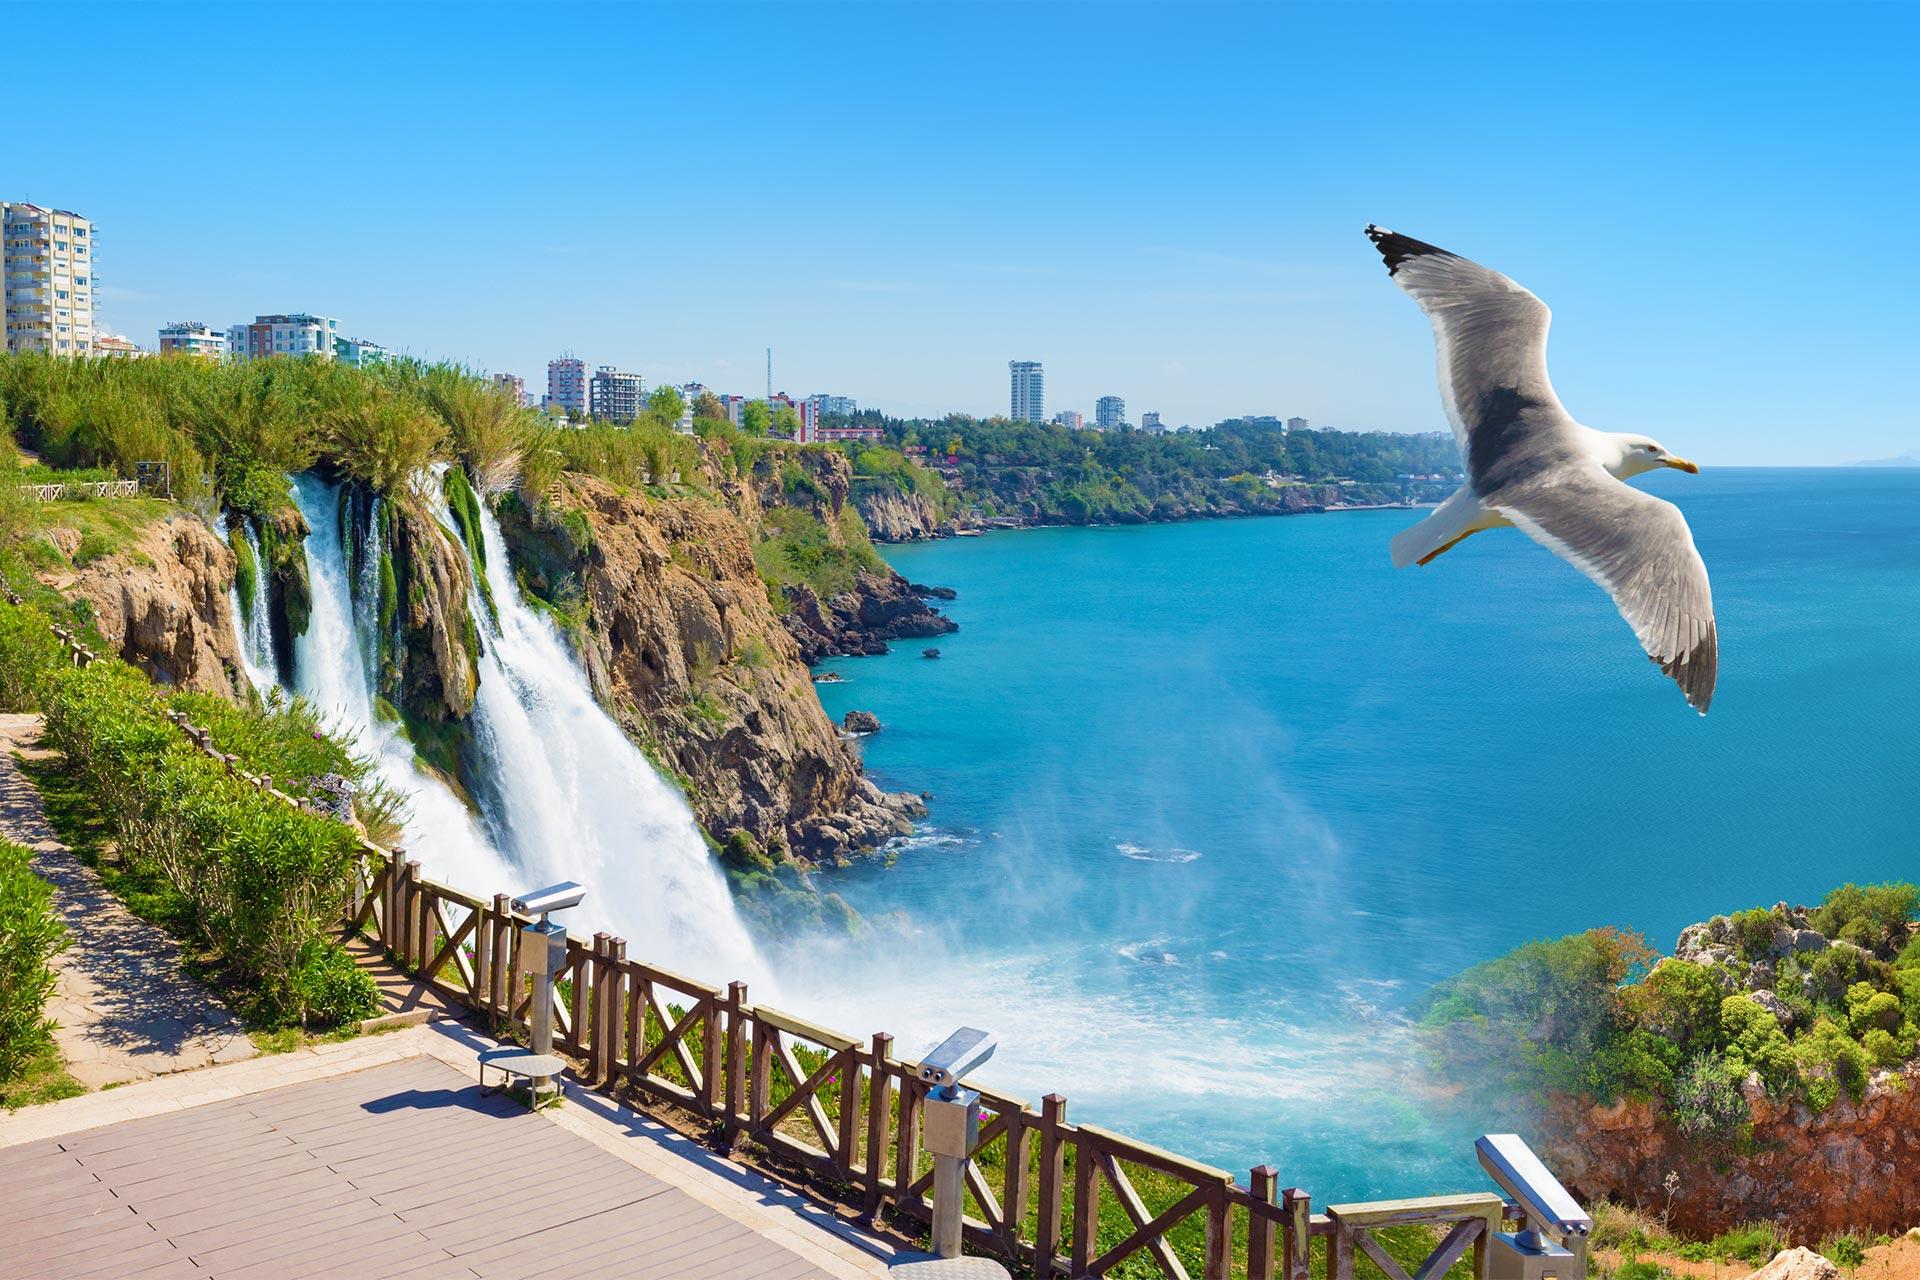 Paste 2021 - Sejur Charter plaja Antalya, 8 zile